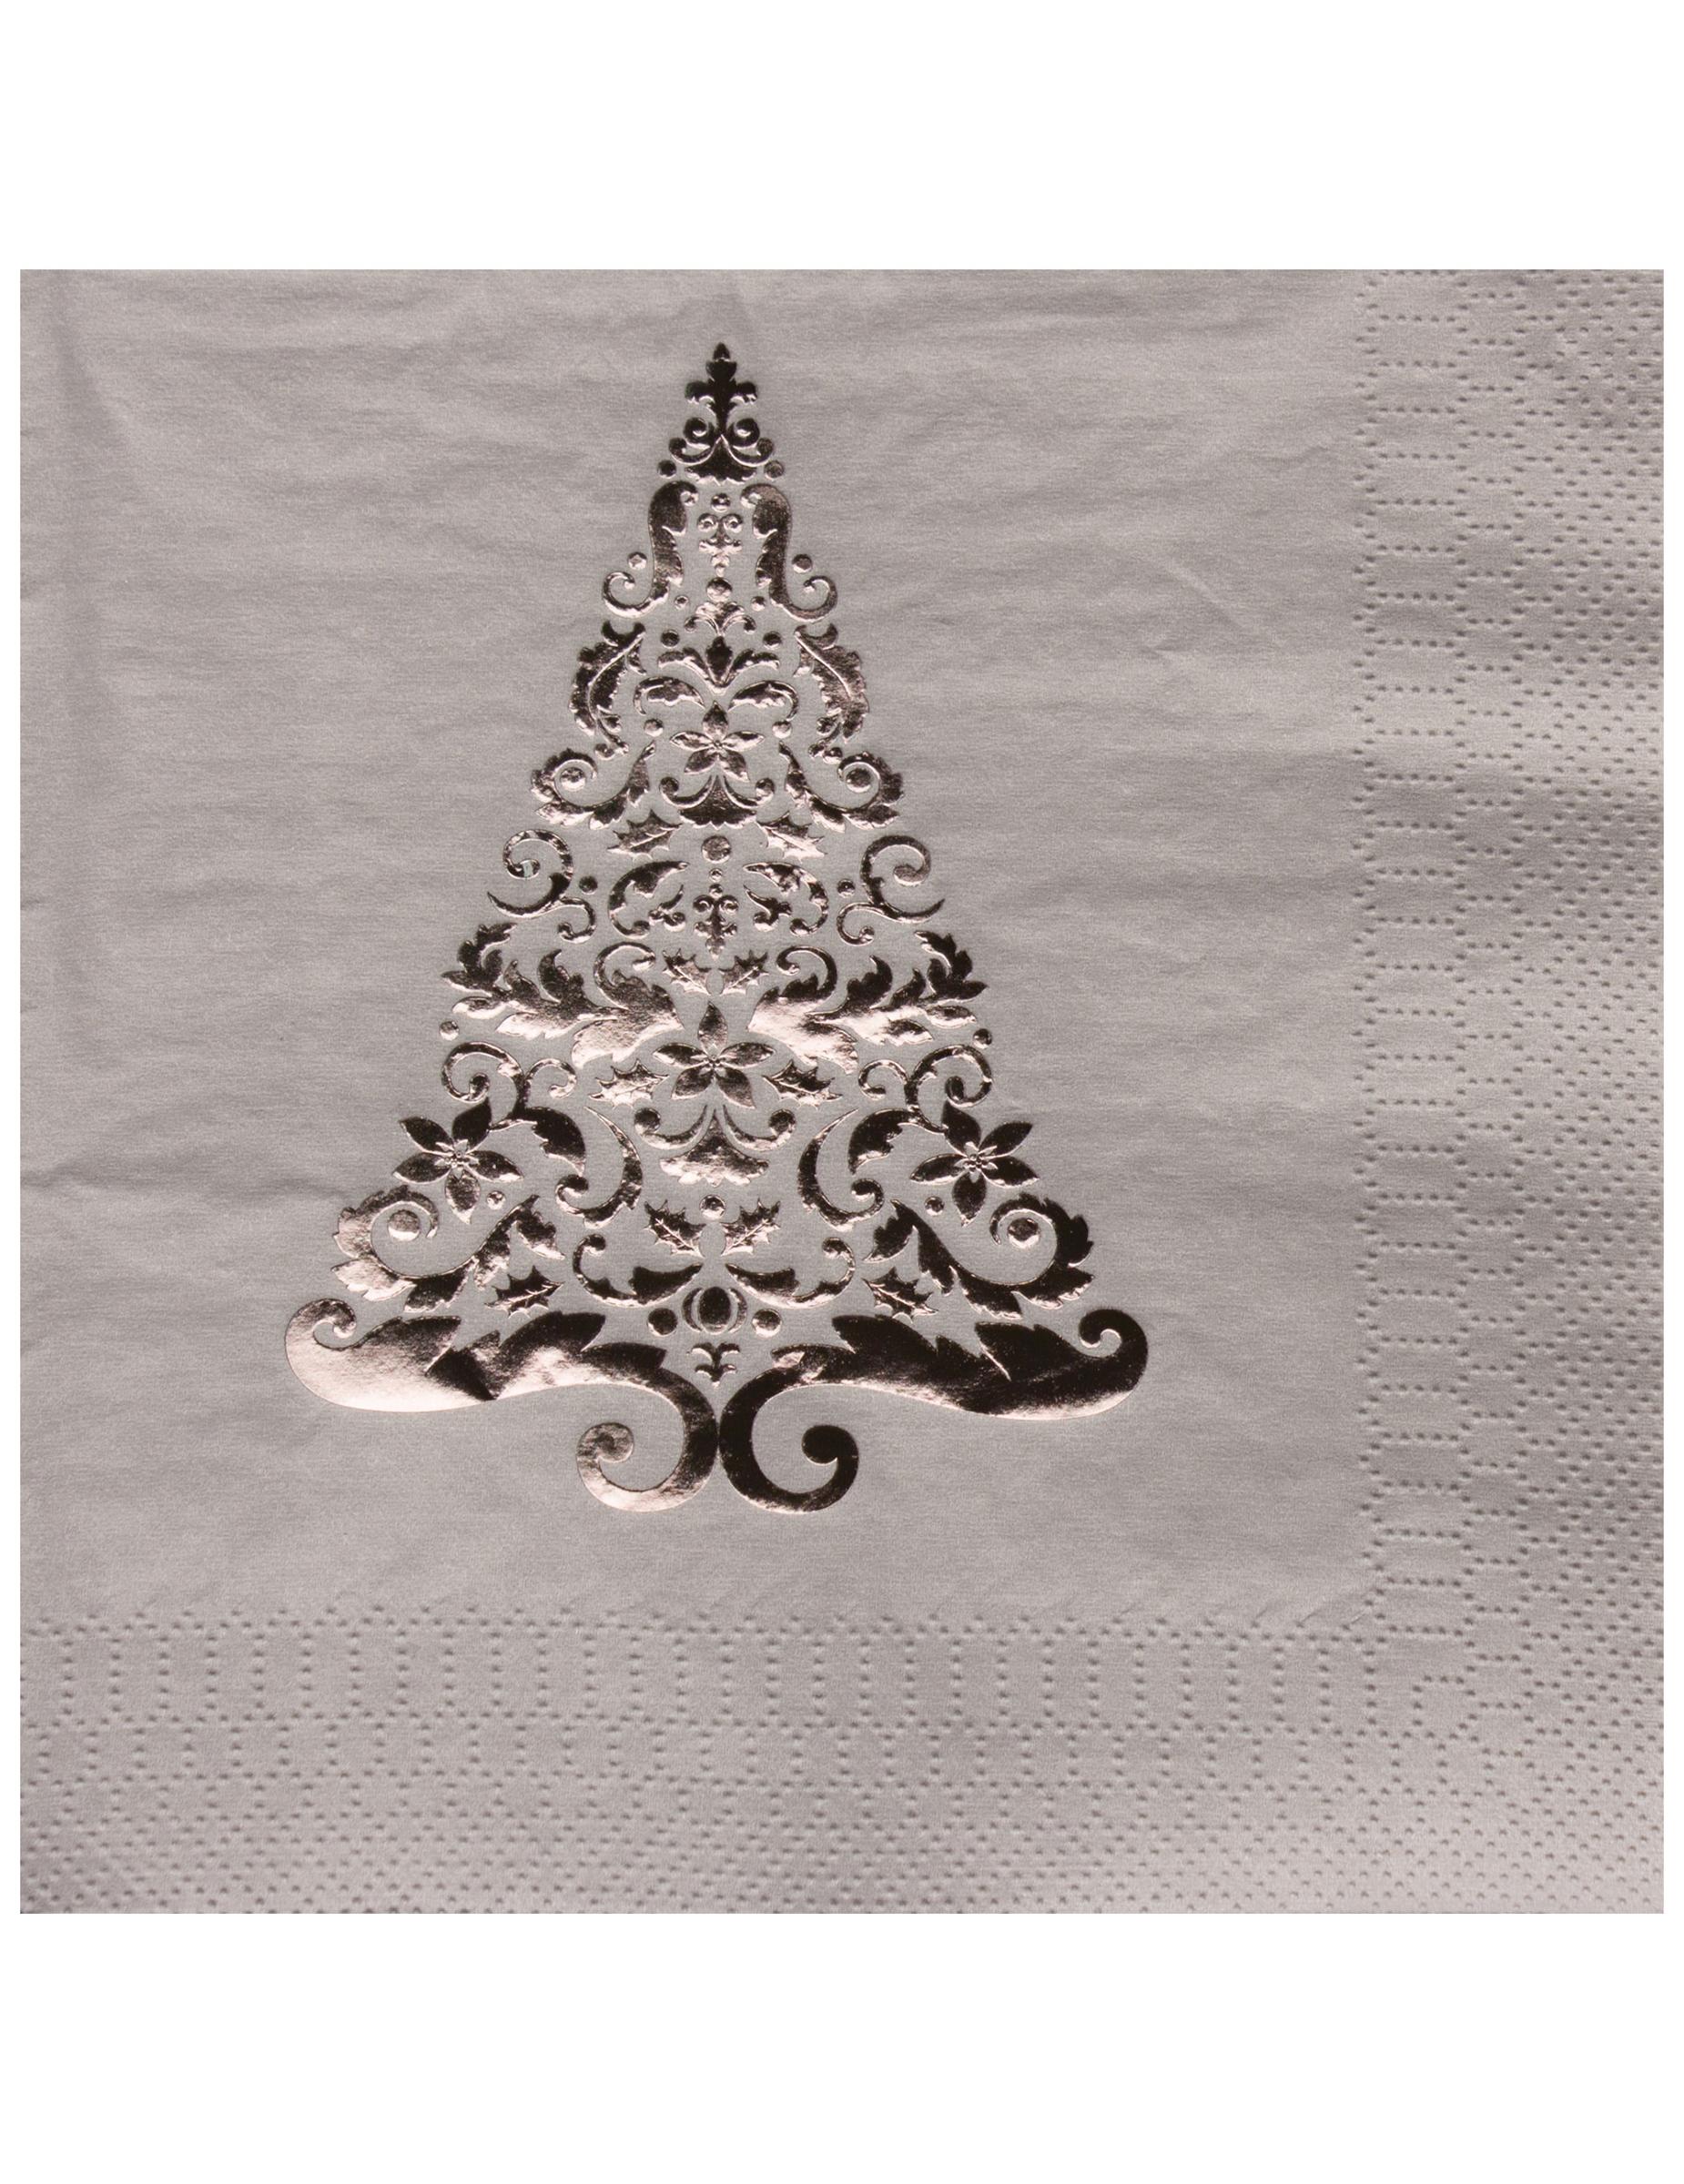 16 serviettes en papier sapin argent 33 x 33 cm - Sapin en serviette en papier ...